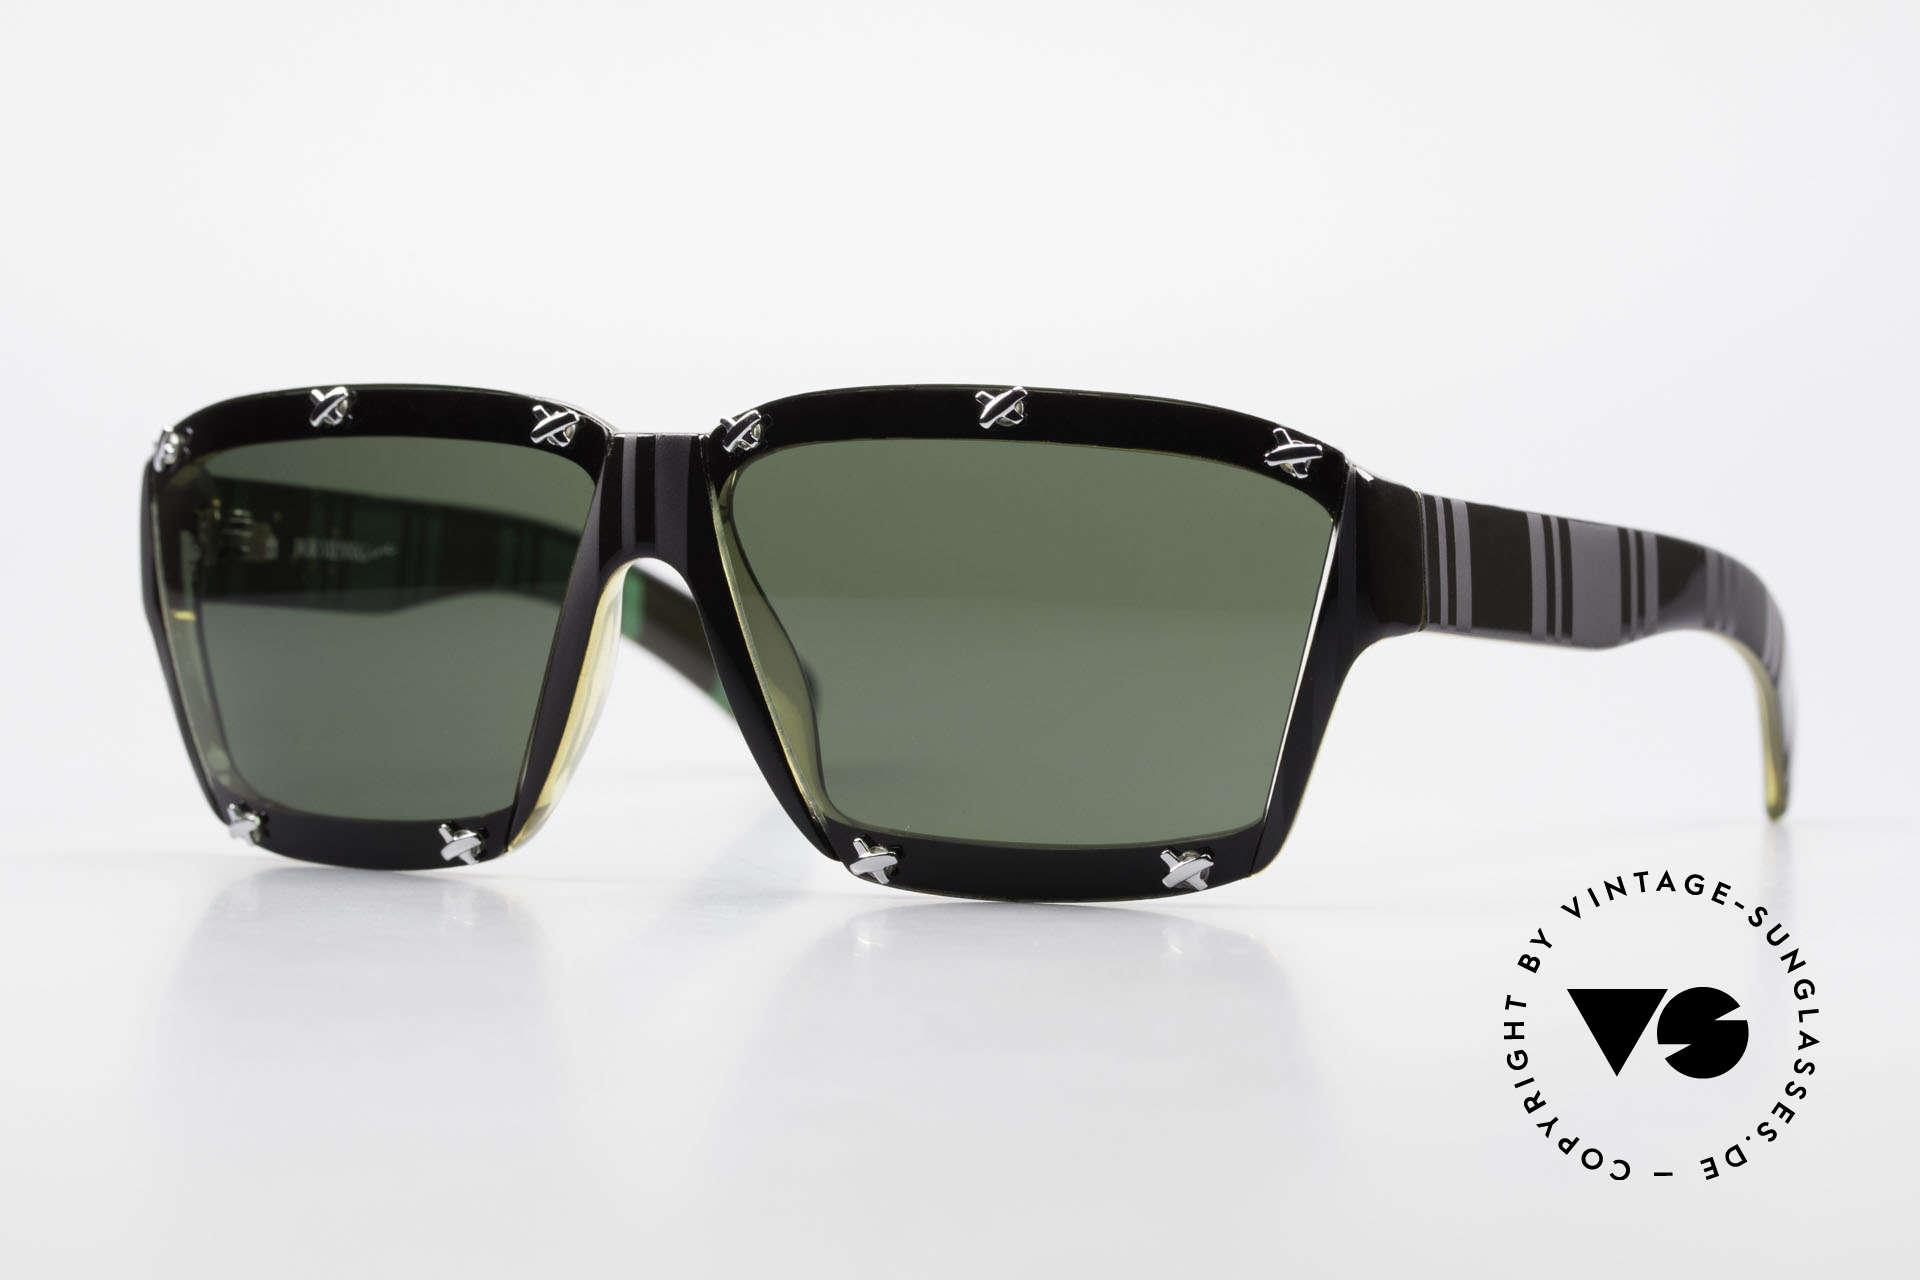 Paloma Picasso 3702 Vintage Sonnenbrille Von 1990, Damen Designer-Sonnenbrille von Paloma Picasso, Passend für Damen